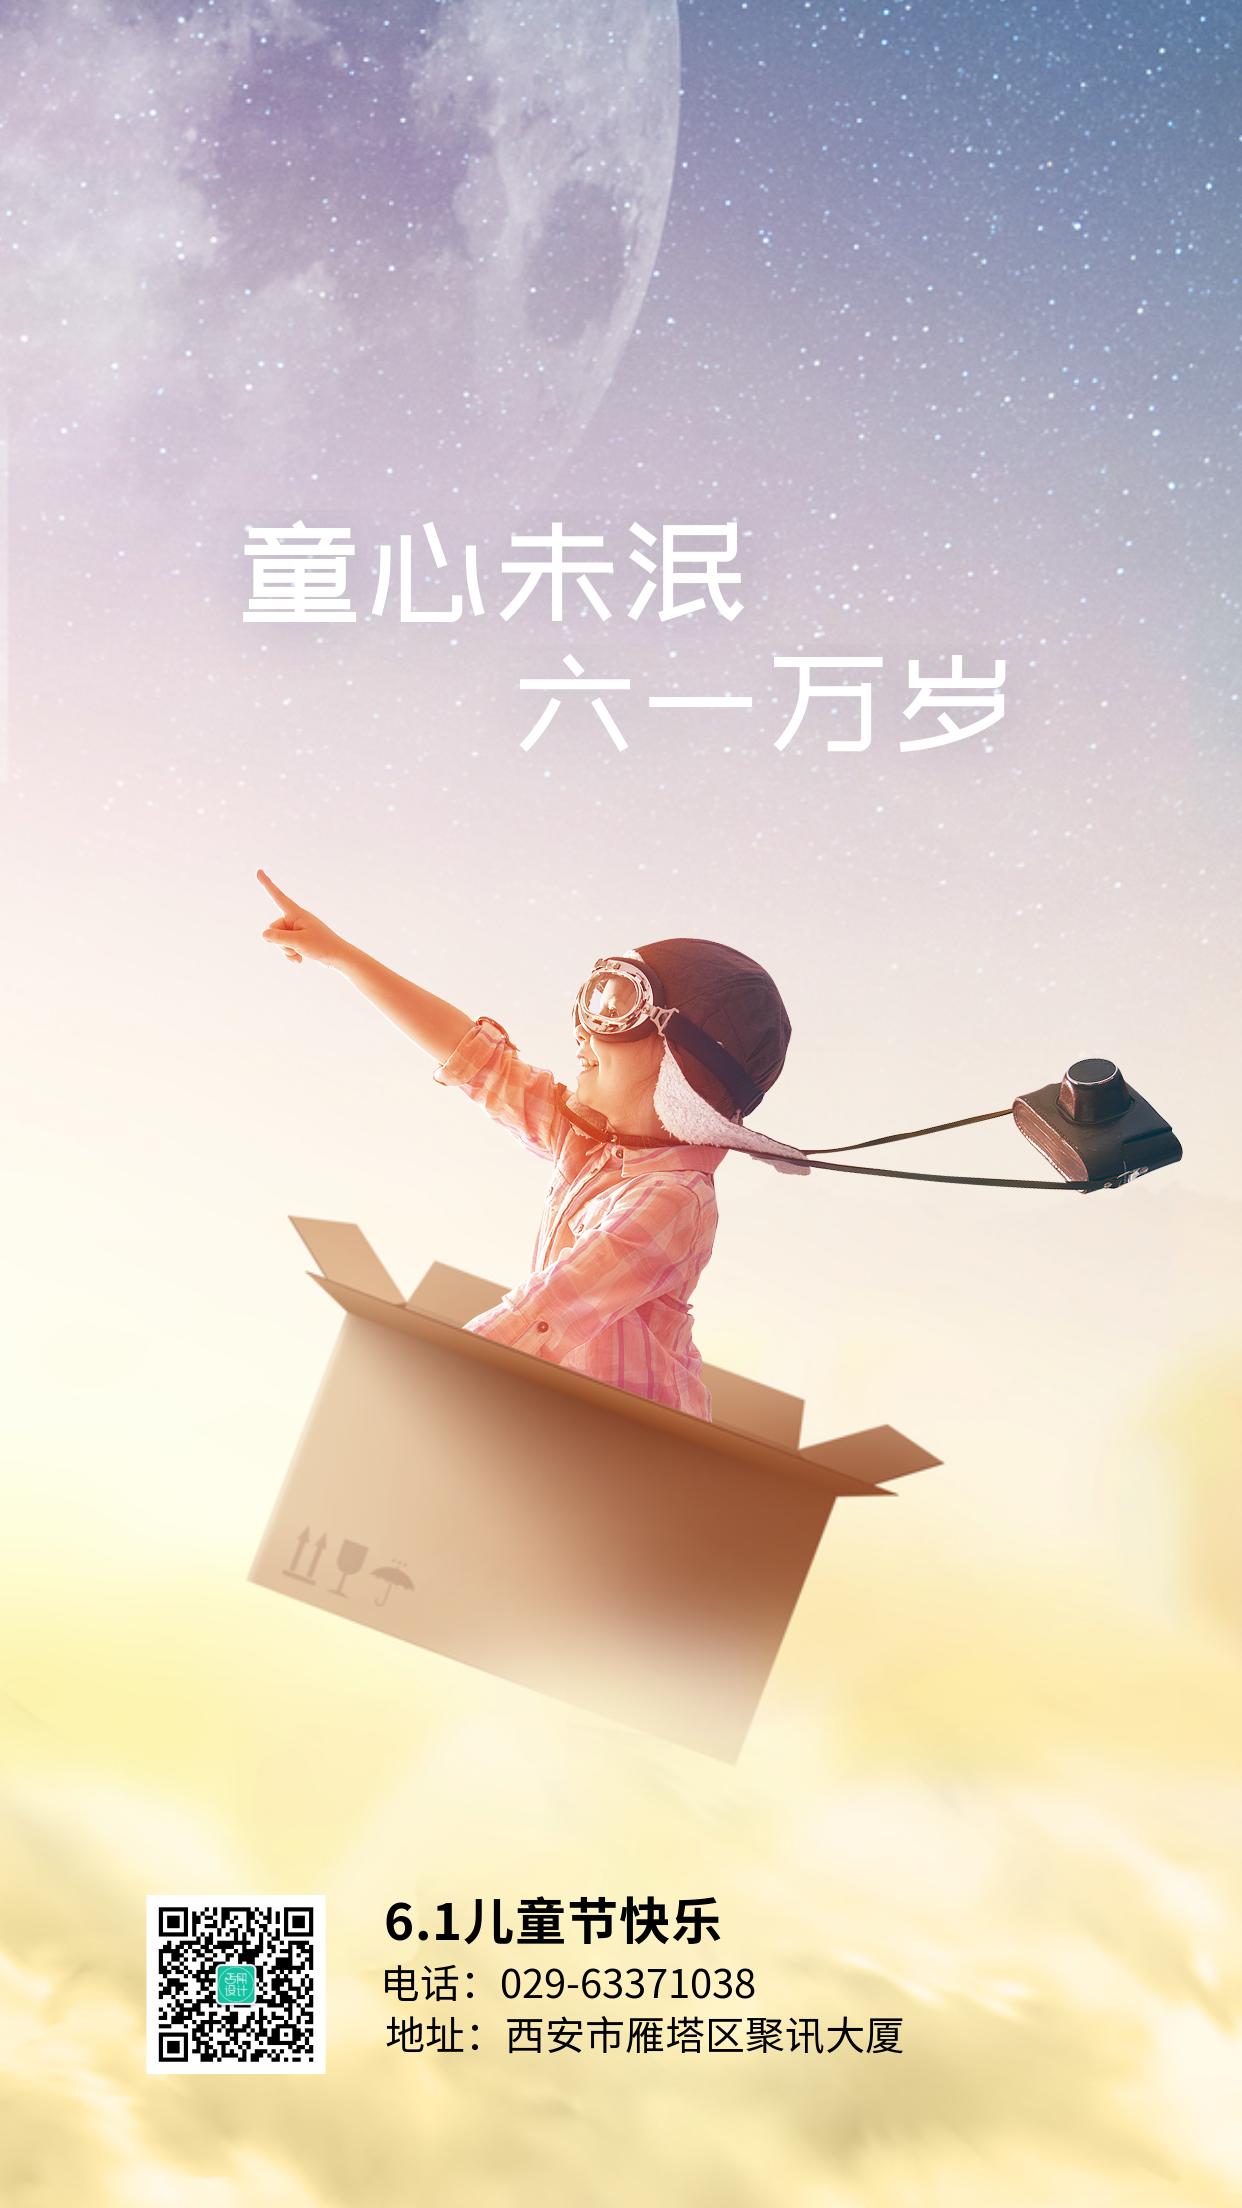 六一儿童节创意鬼马节日祝福手机海报